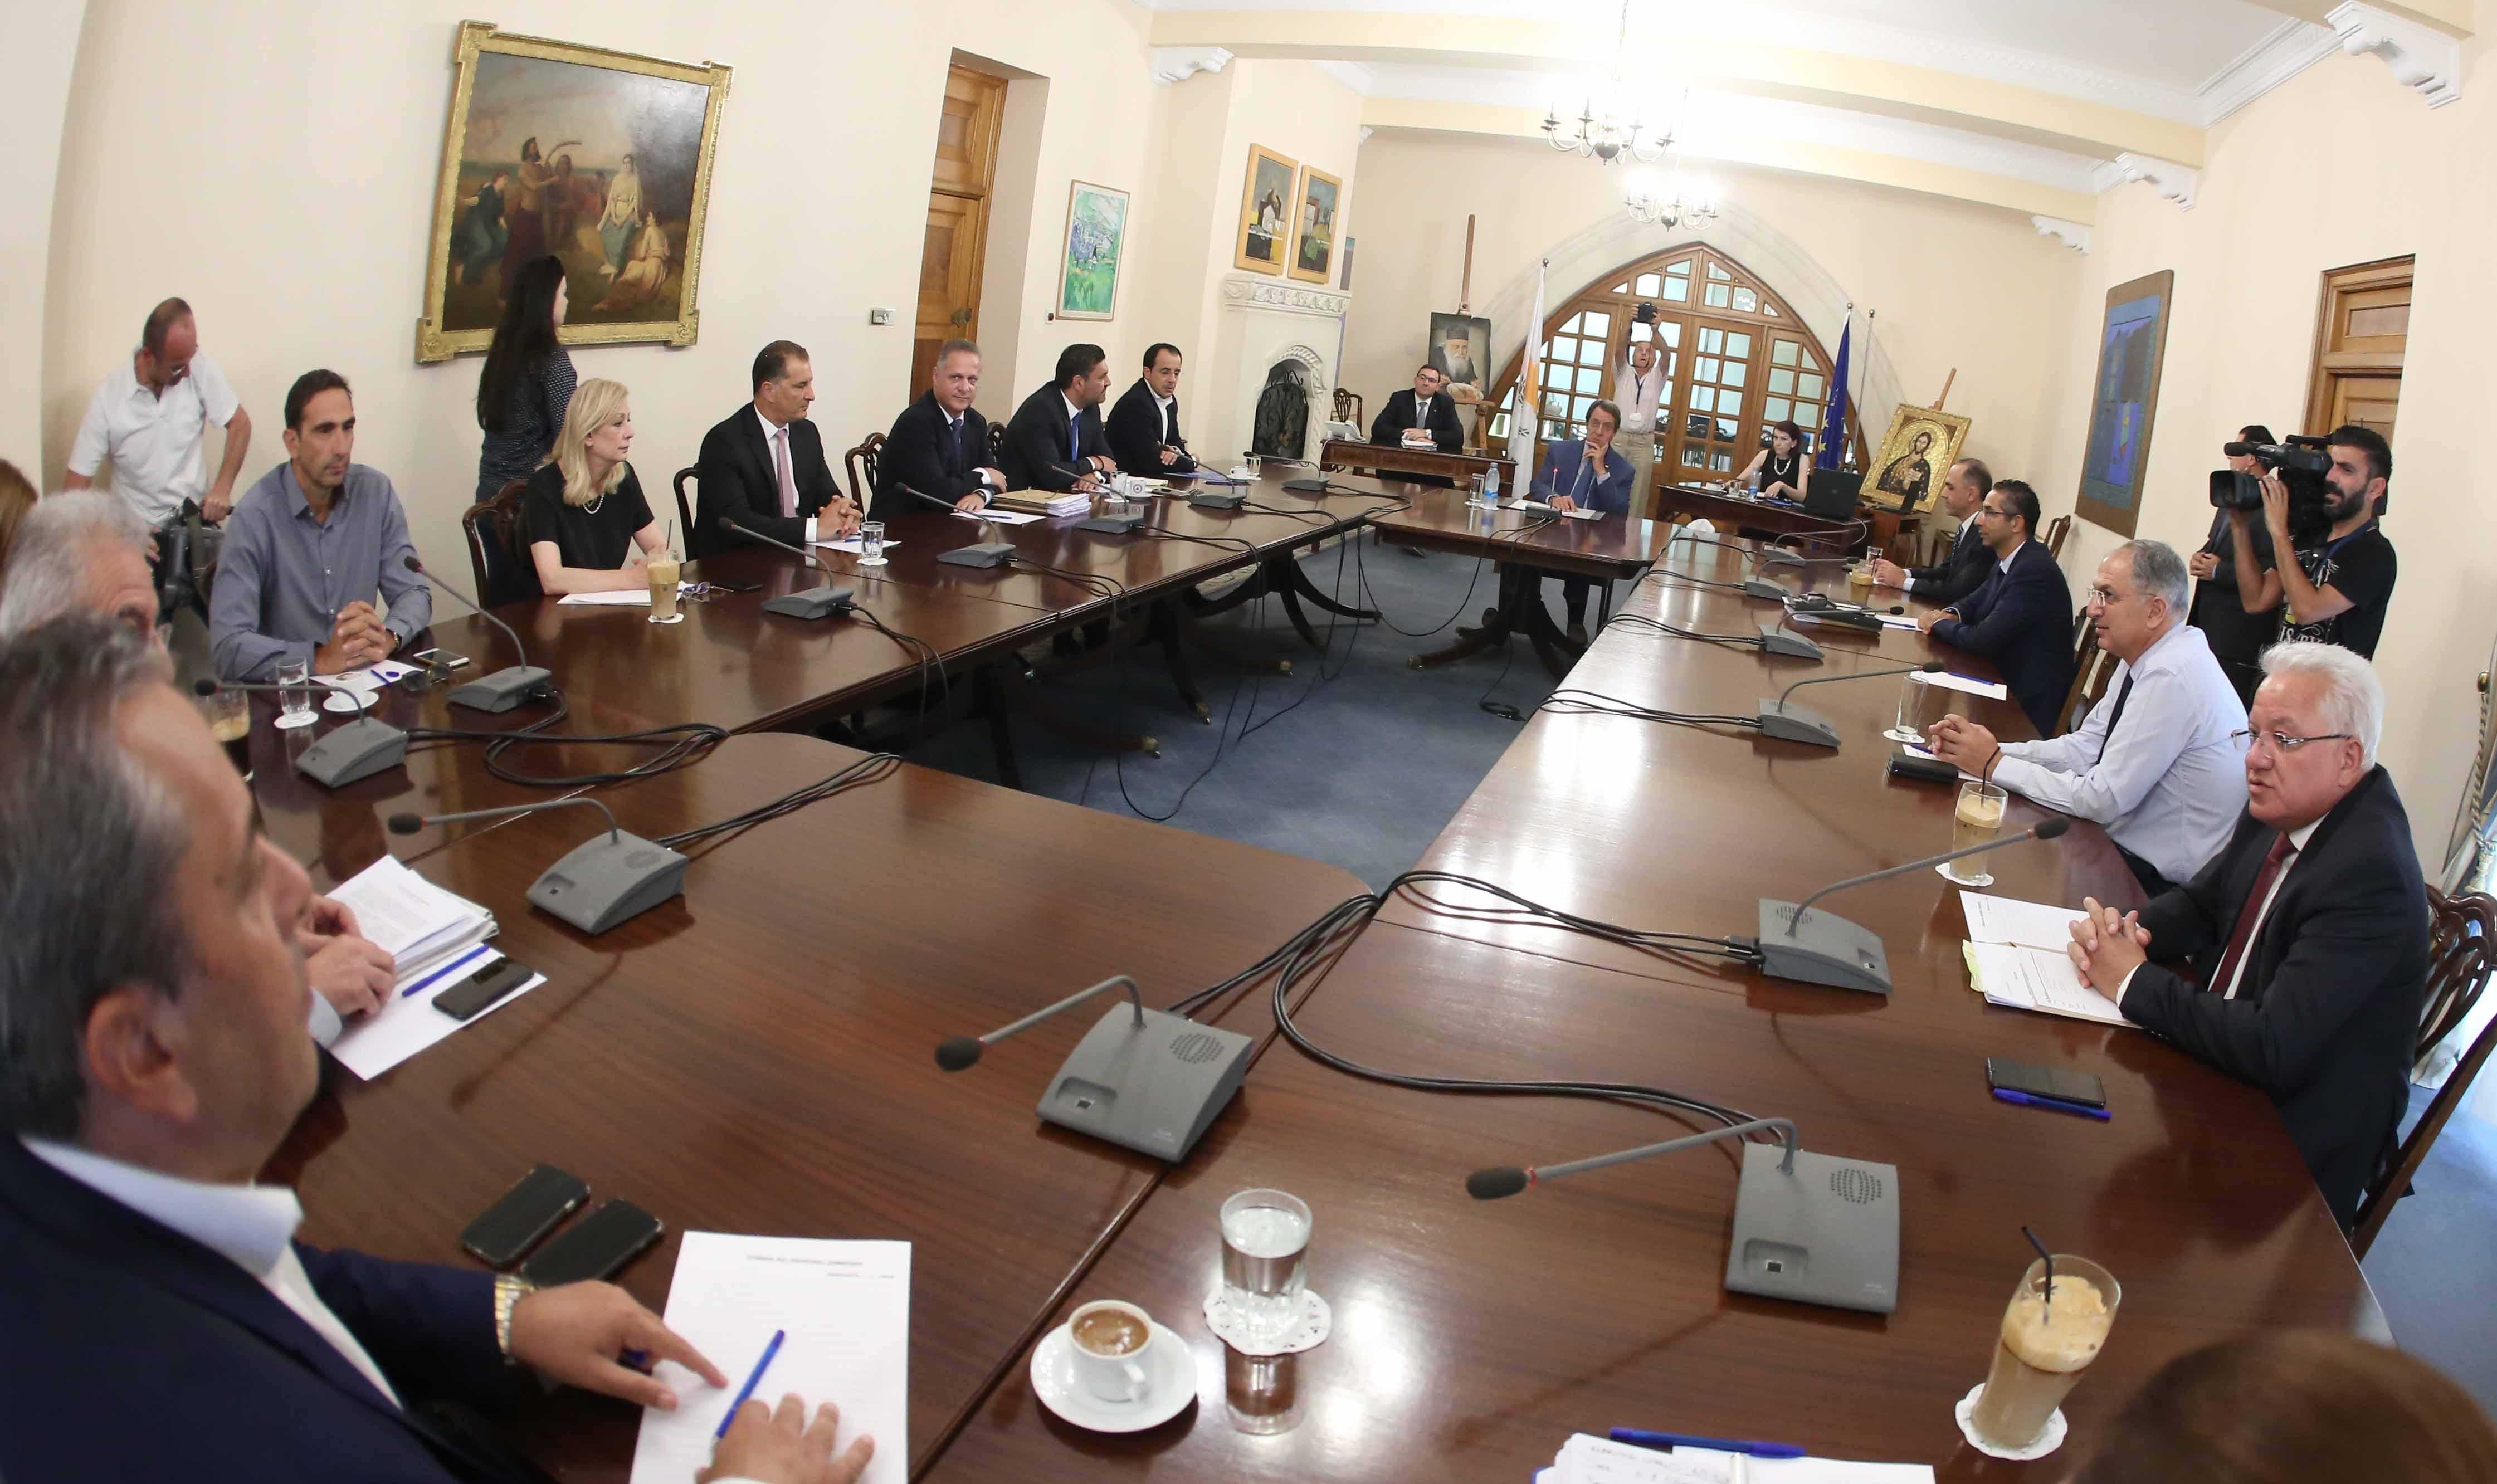 Το Στρατηγικό Πλαίσιο Δημοσιονομικής Πολιτικής 2020-2022 ενέκρινε σήμερα το Υπουργικό